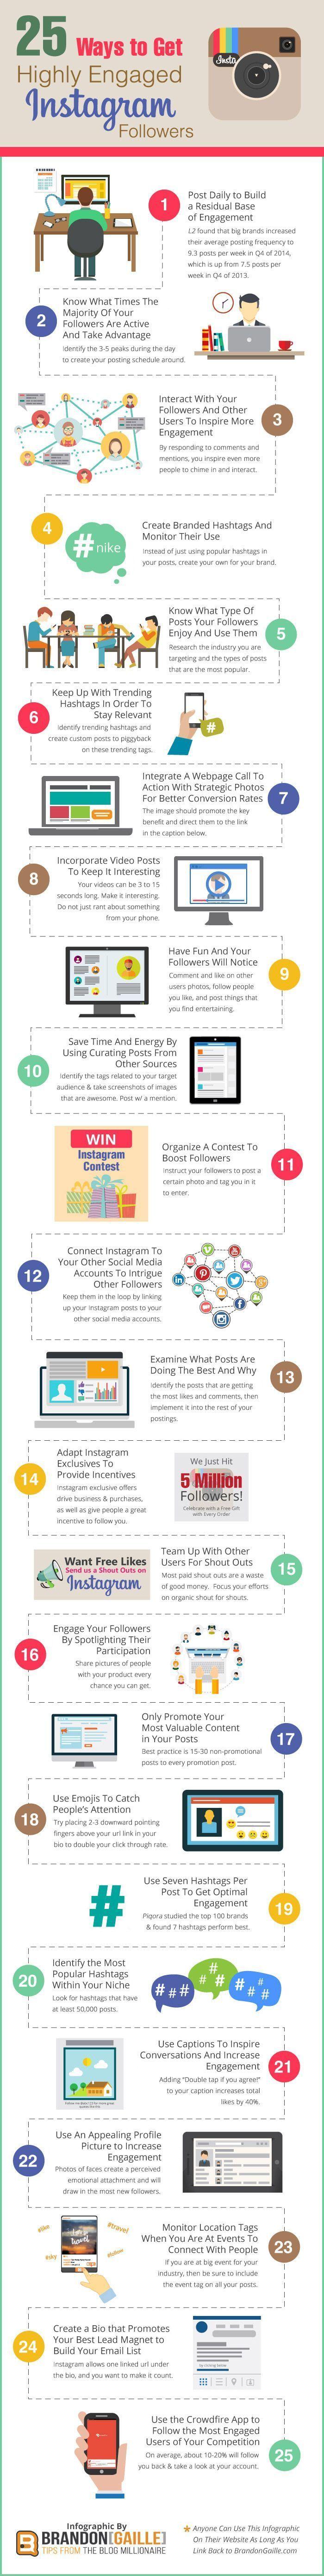 25 Tipps für viel Interaktion auf Instagram